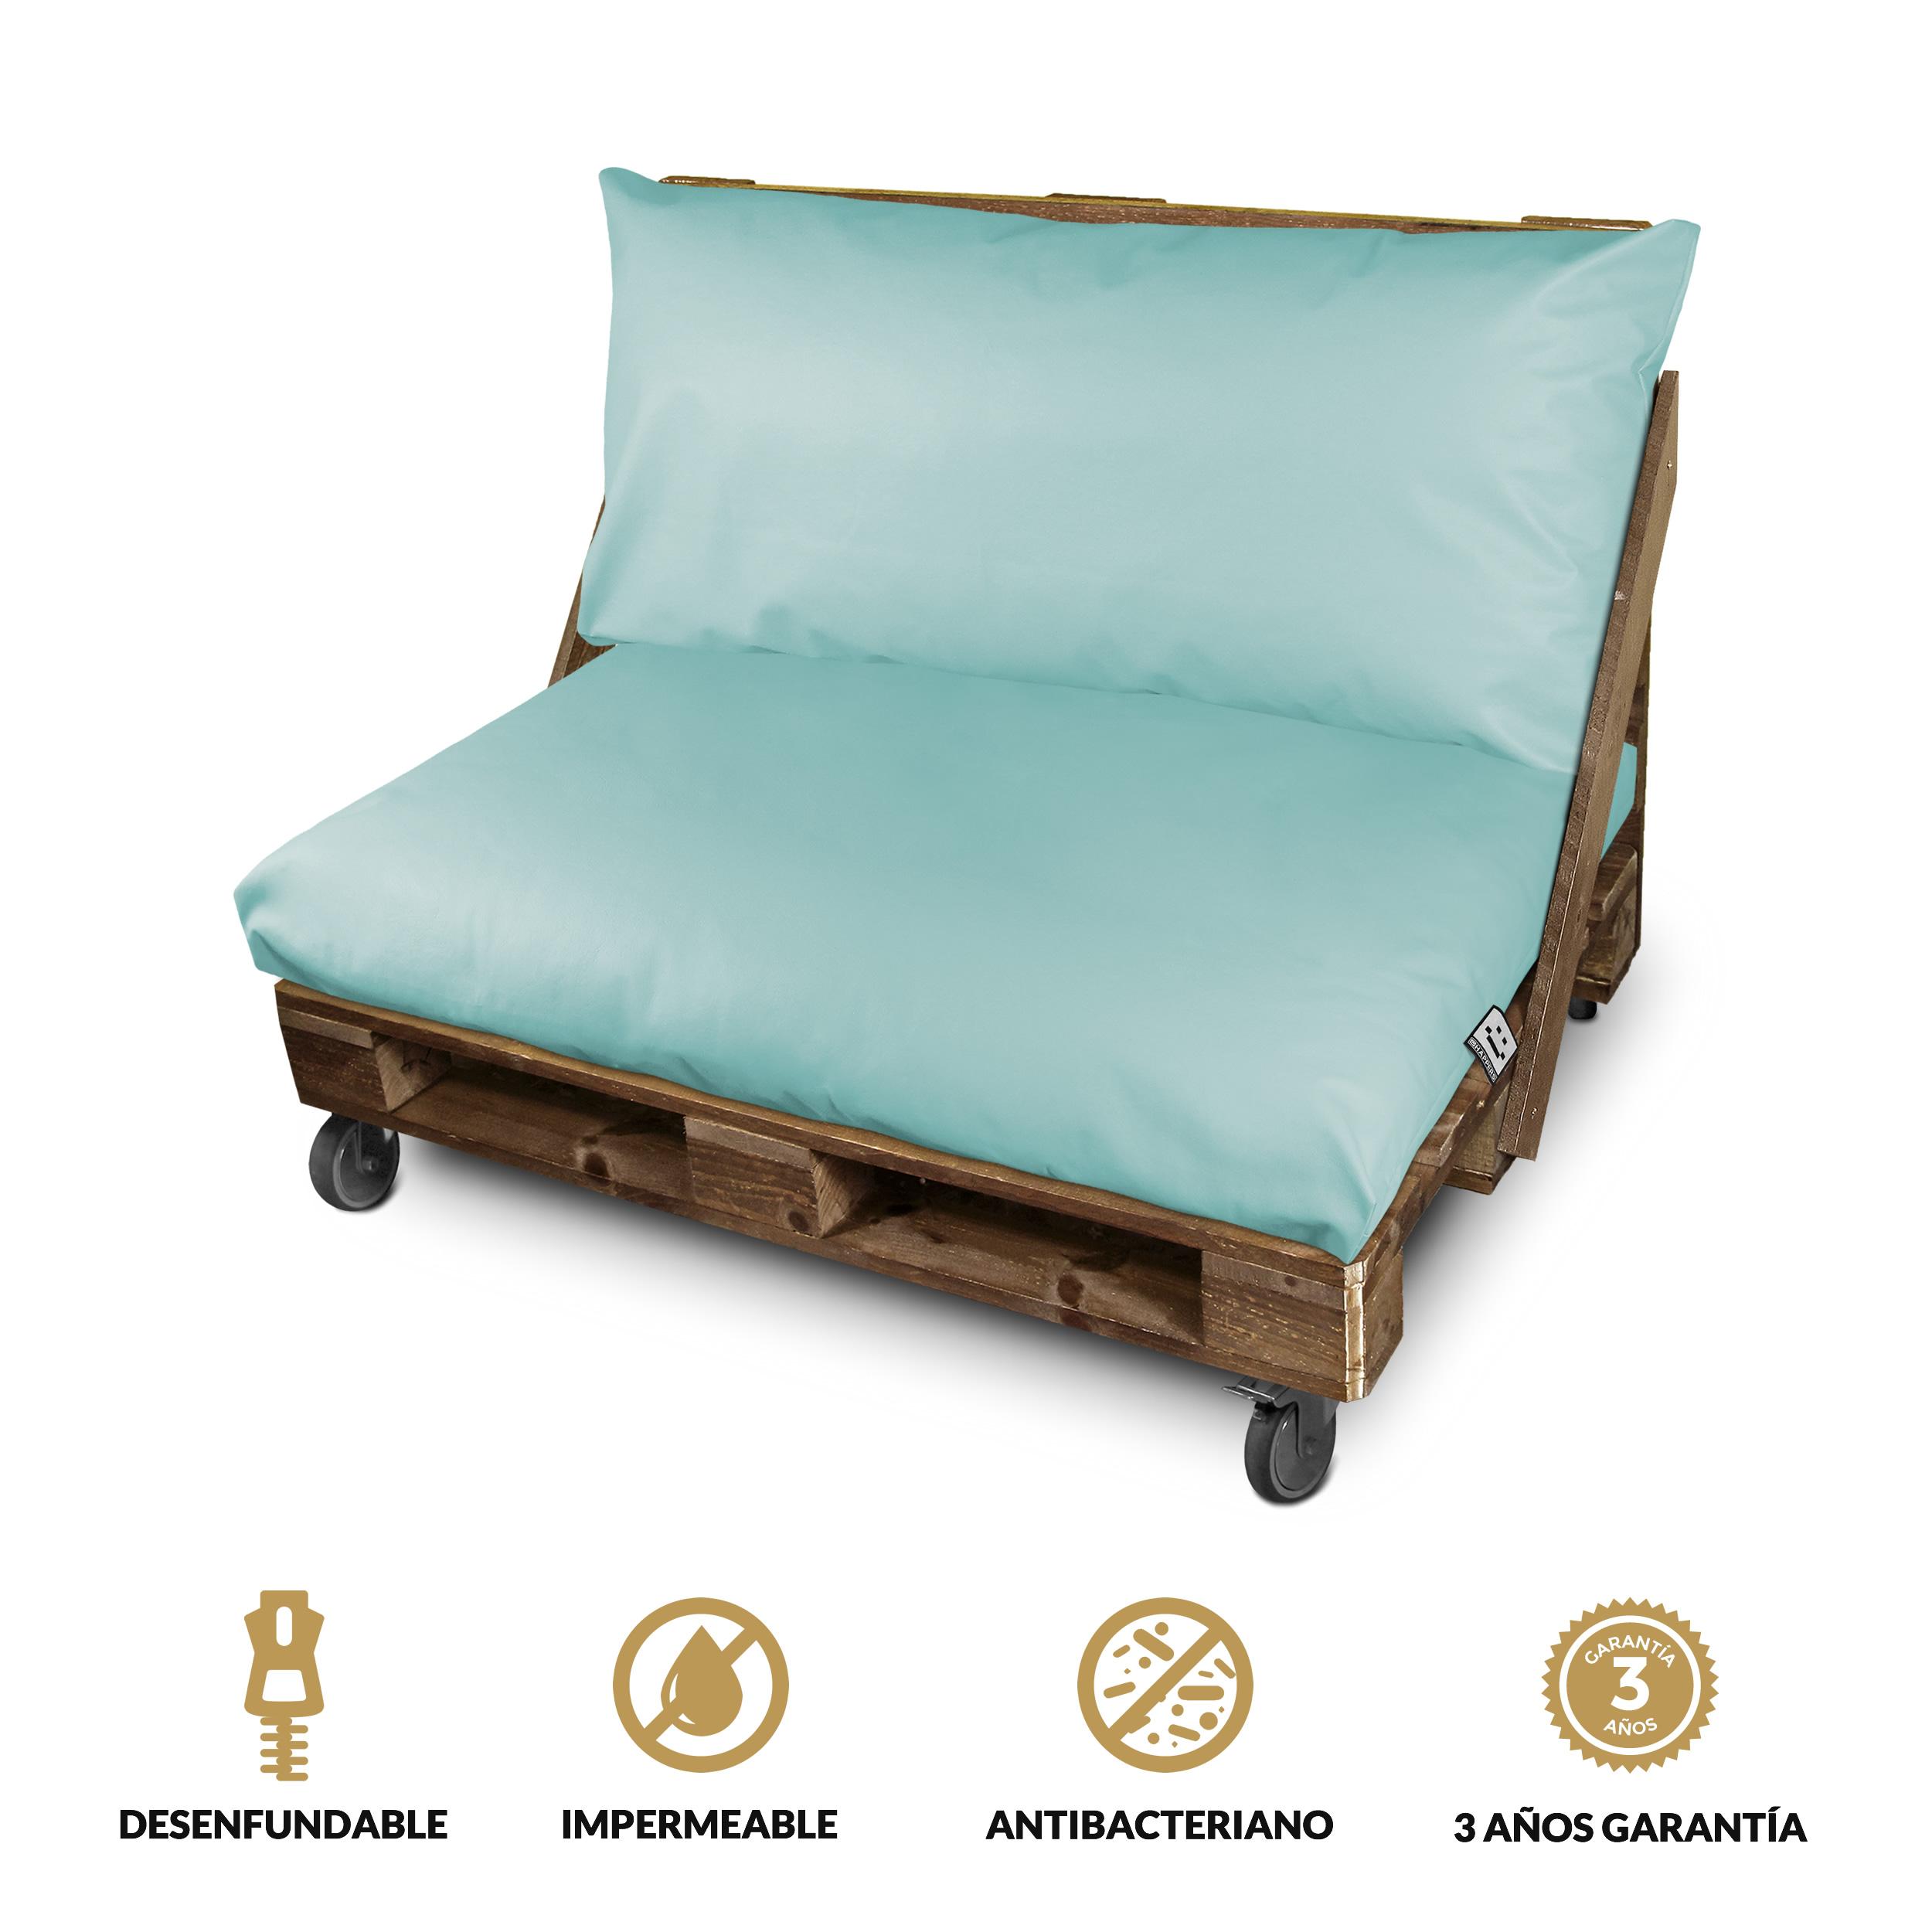 Set de Cojines Impermeables y Desenfundables en Polipiel para Palets de exteior Azul Cielo